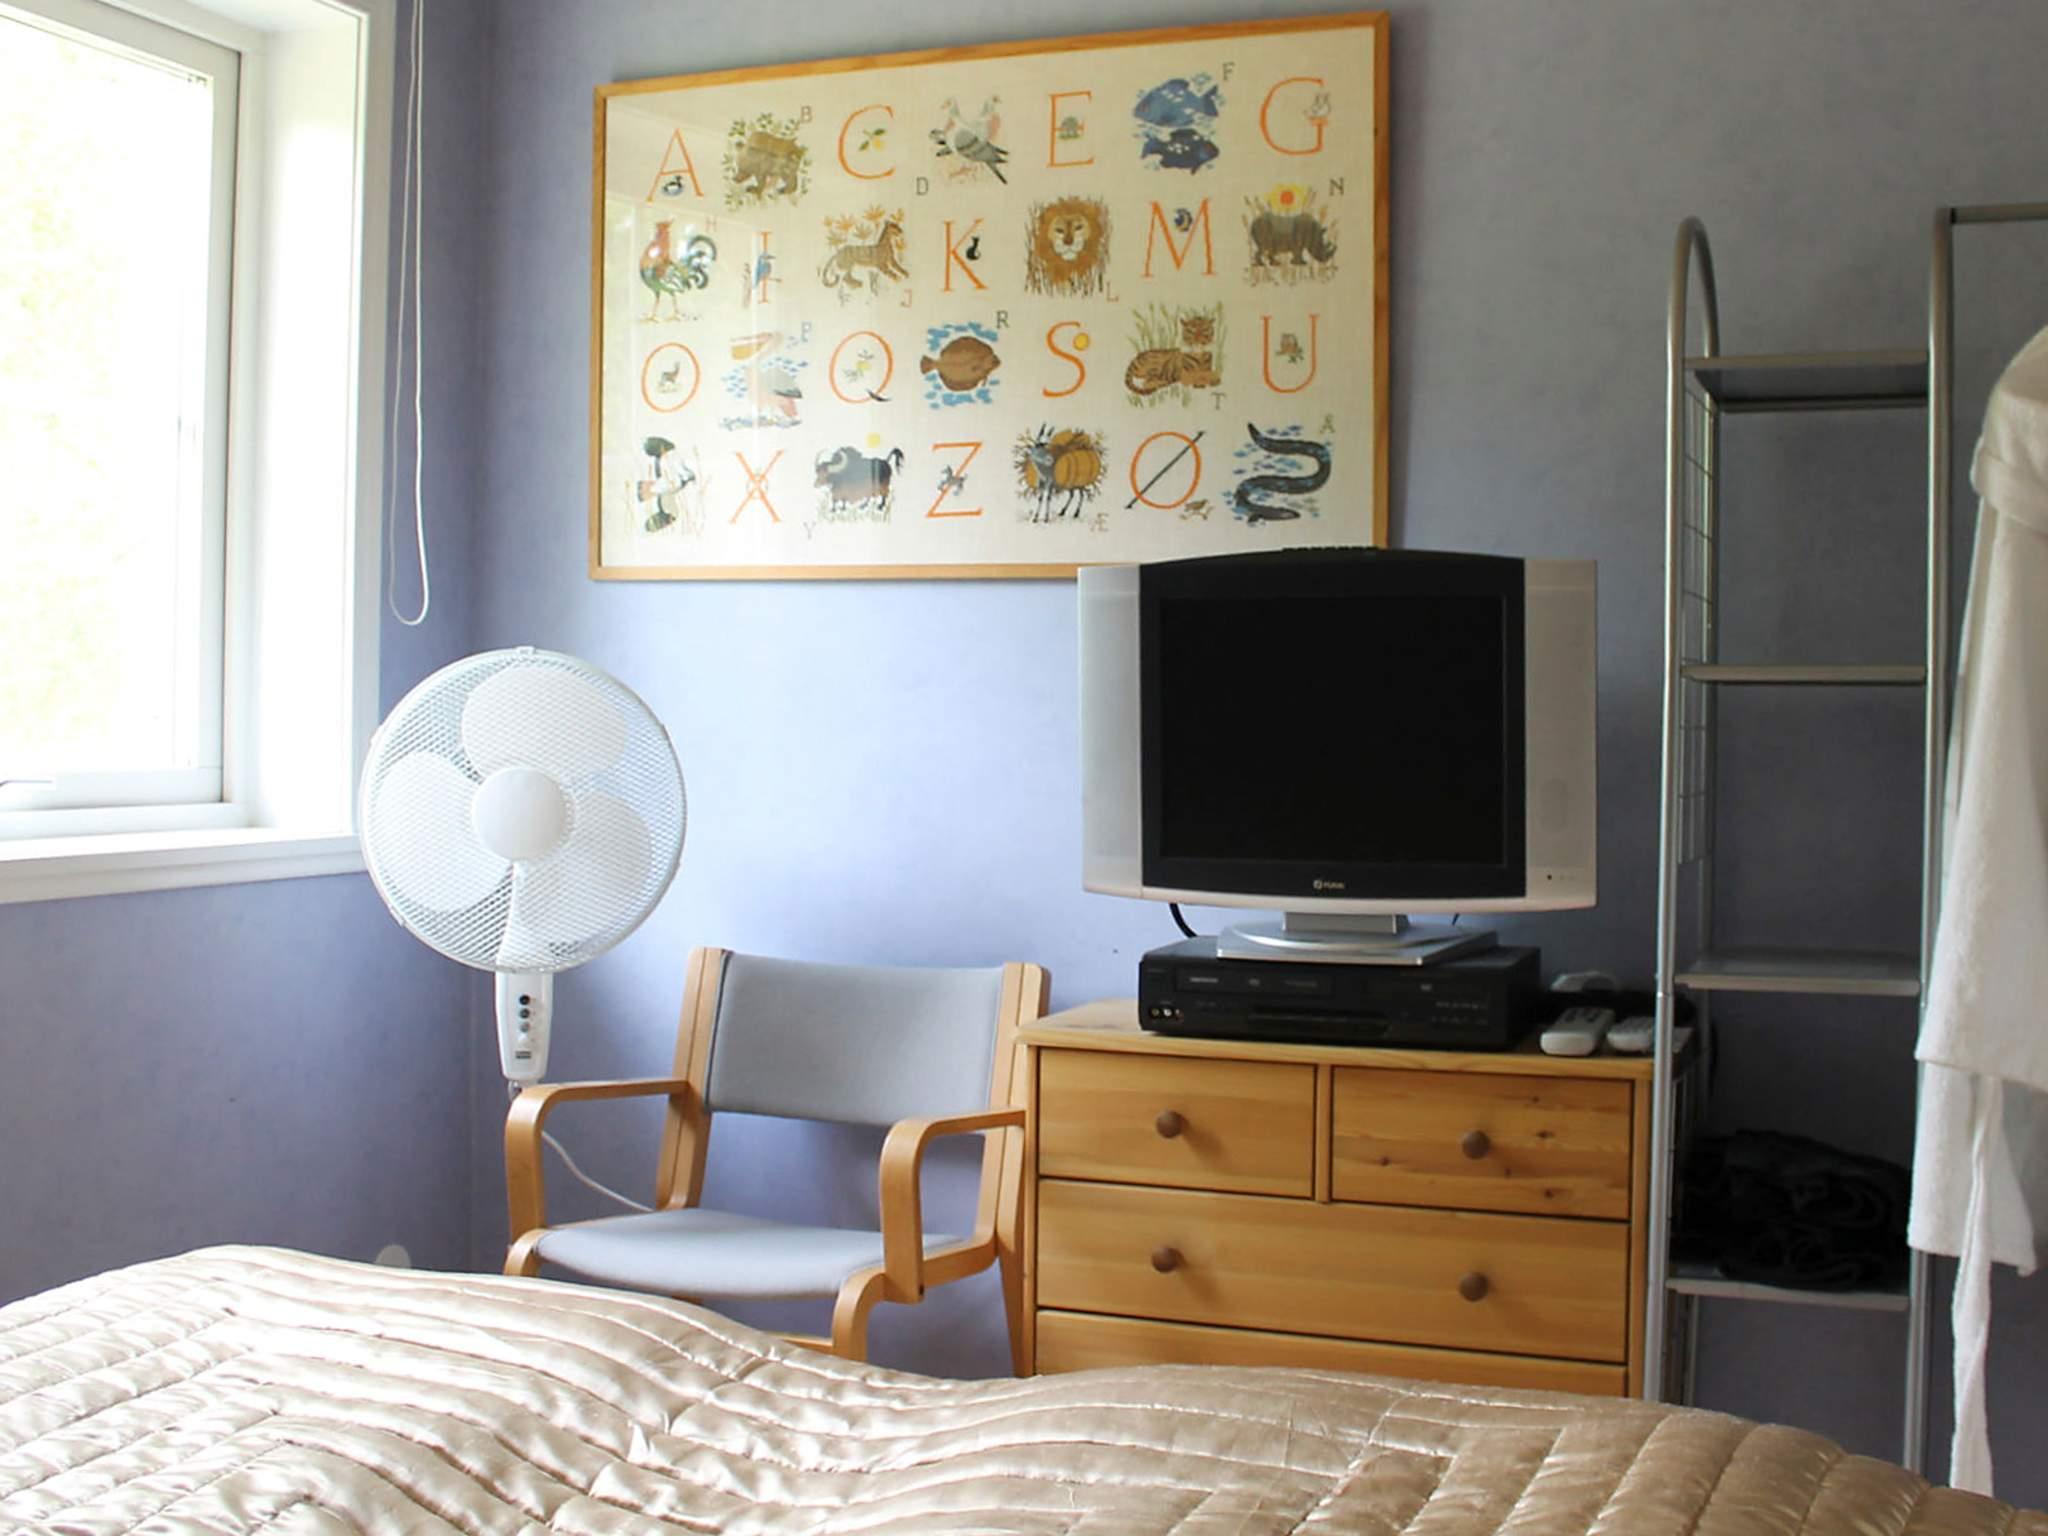 Ferienhaus Eksjö (642218), Hult, Jönköpings län, Südschweden, Schweden, Bild 11